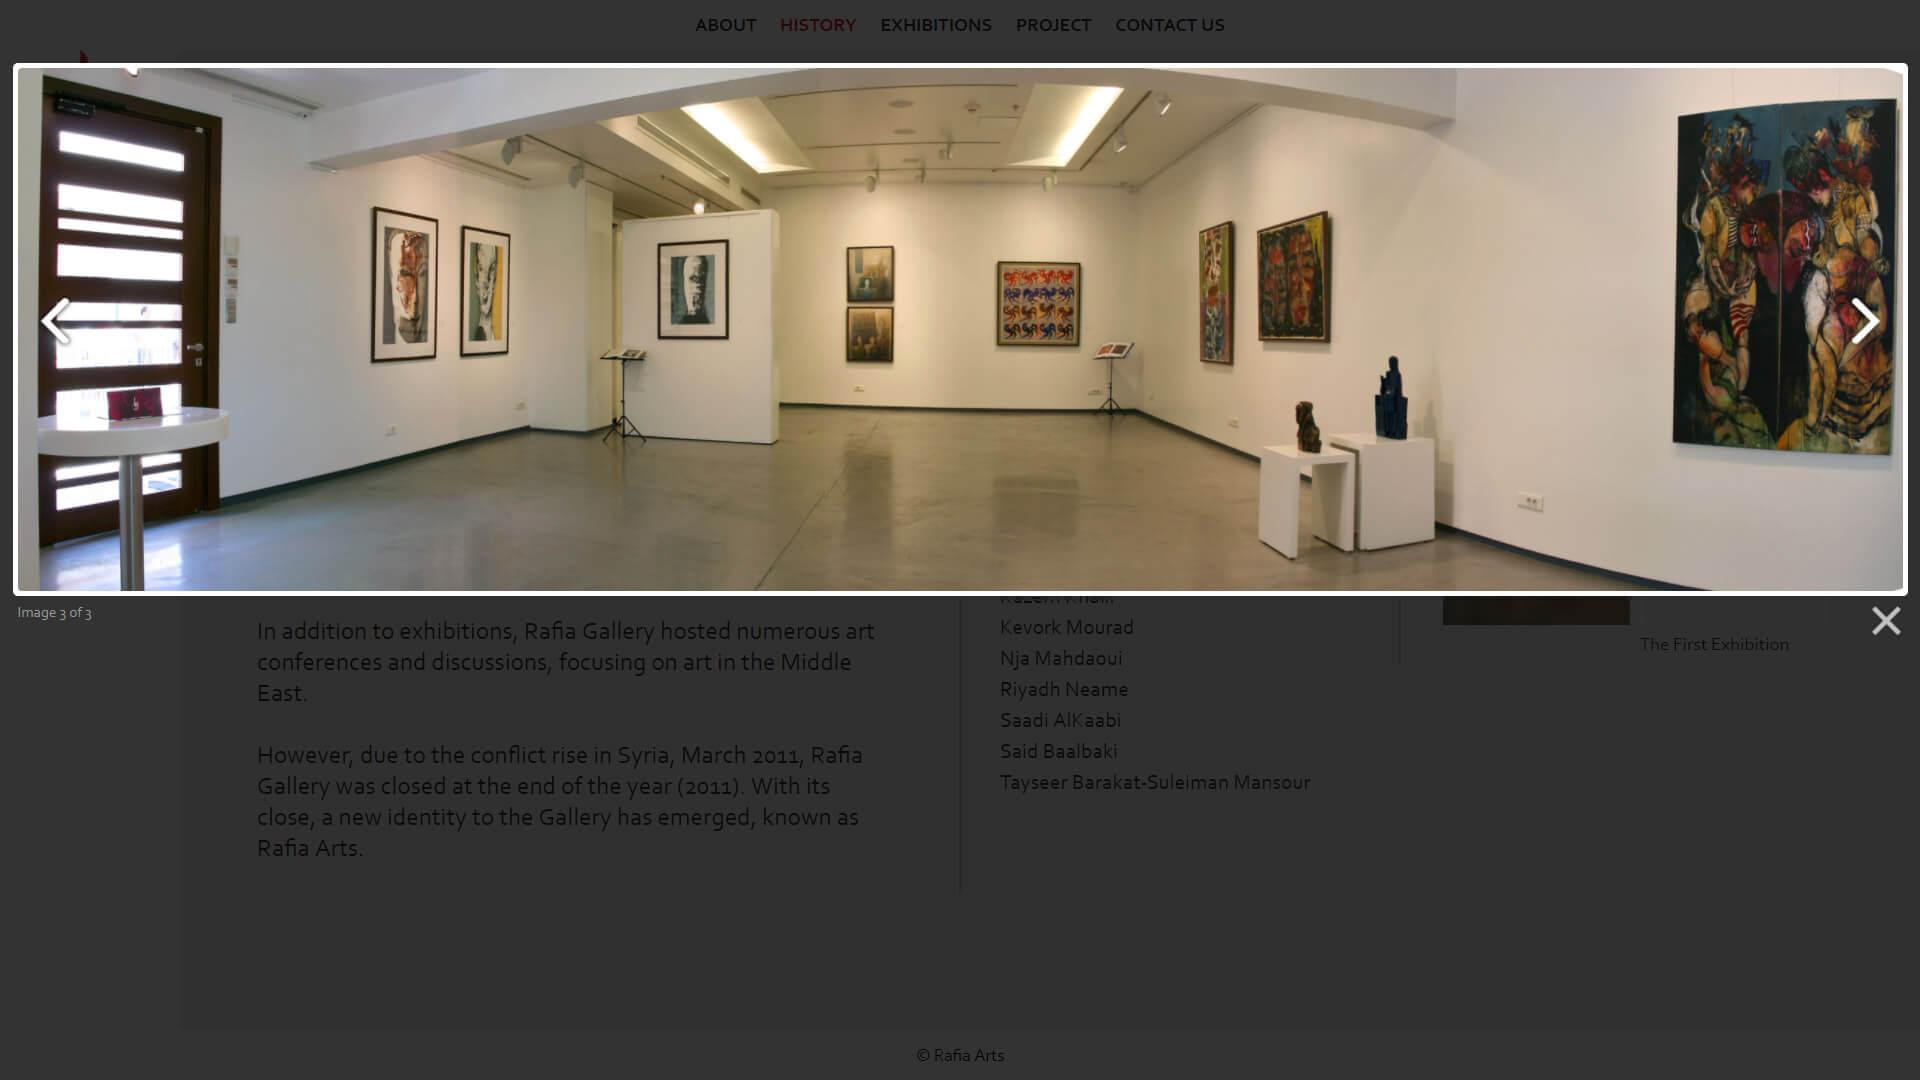 rafia arts gallery design